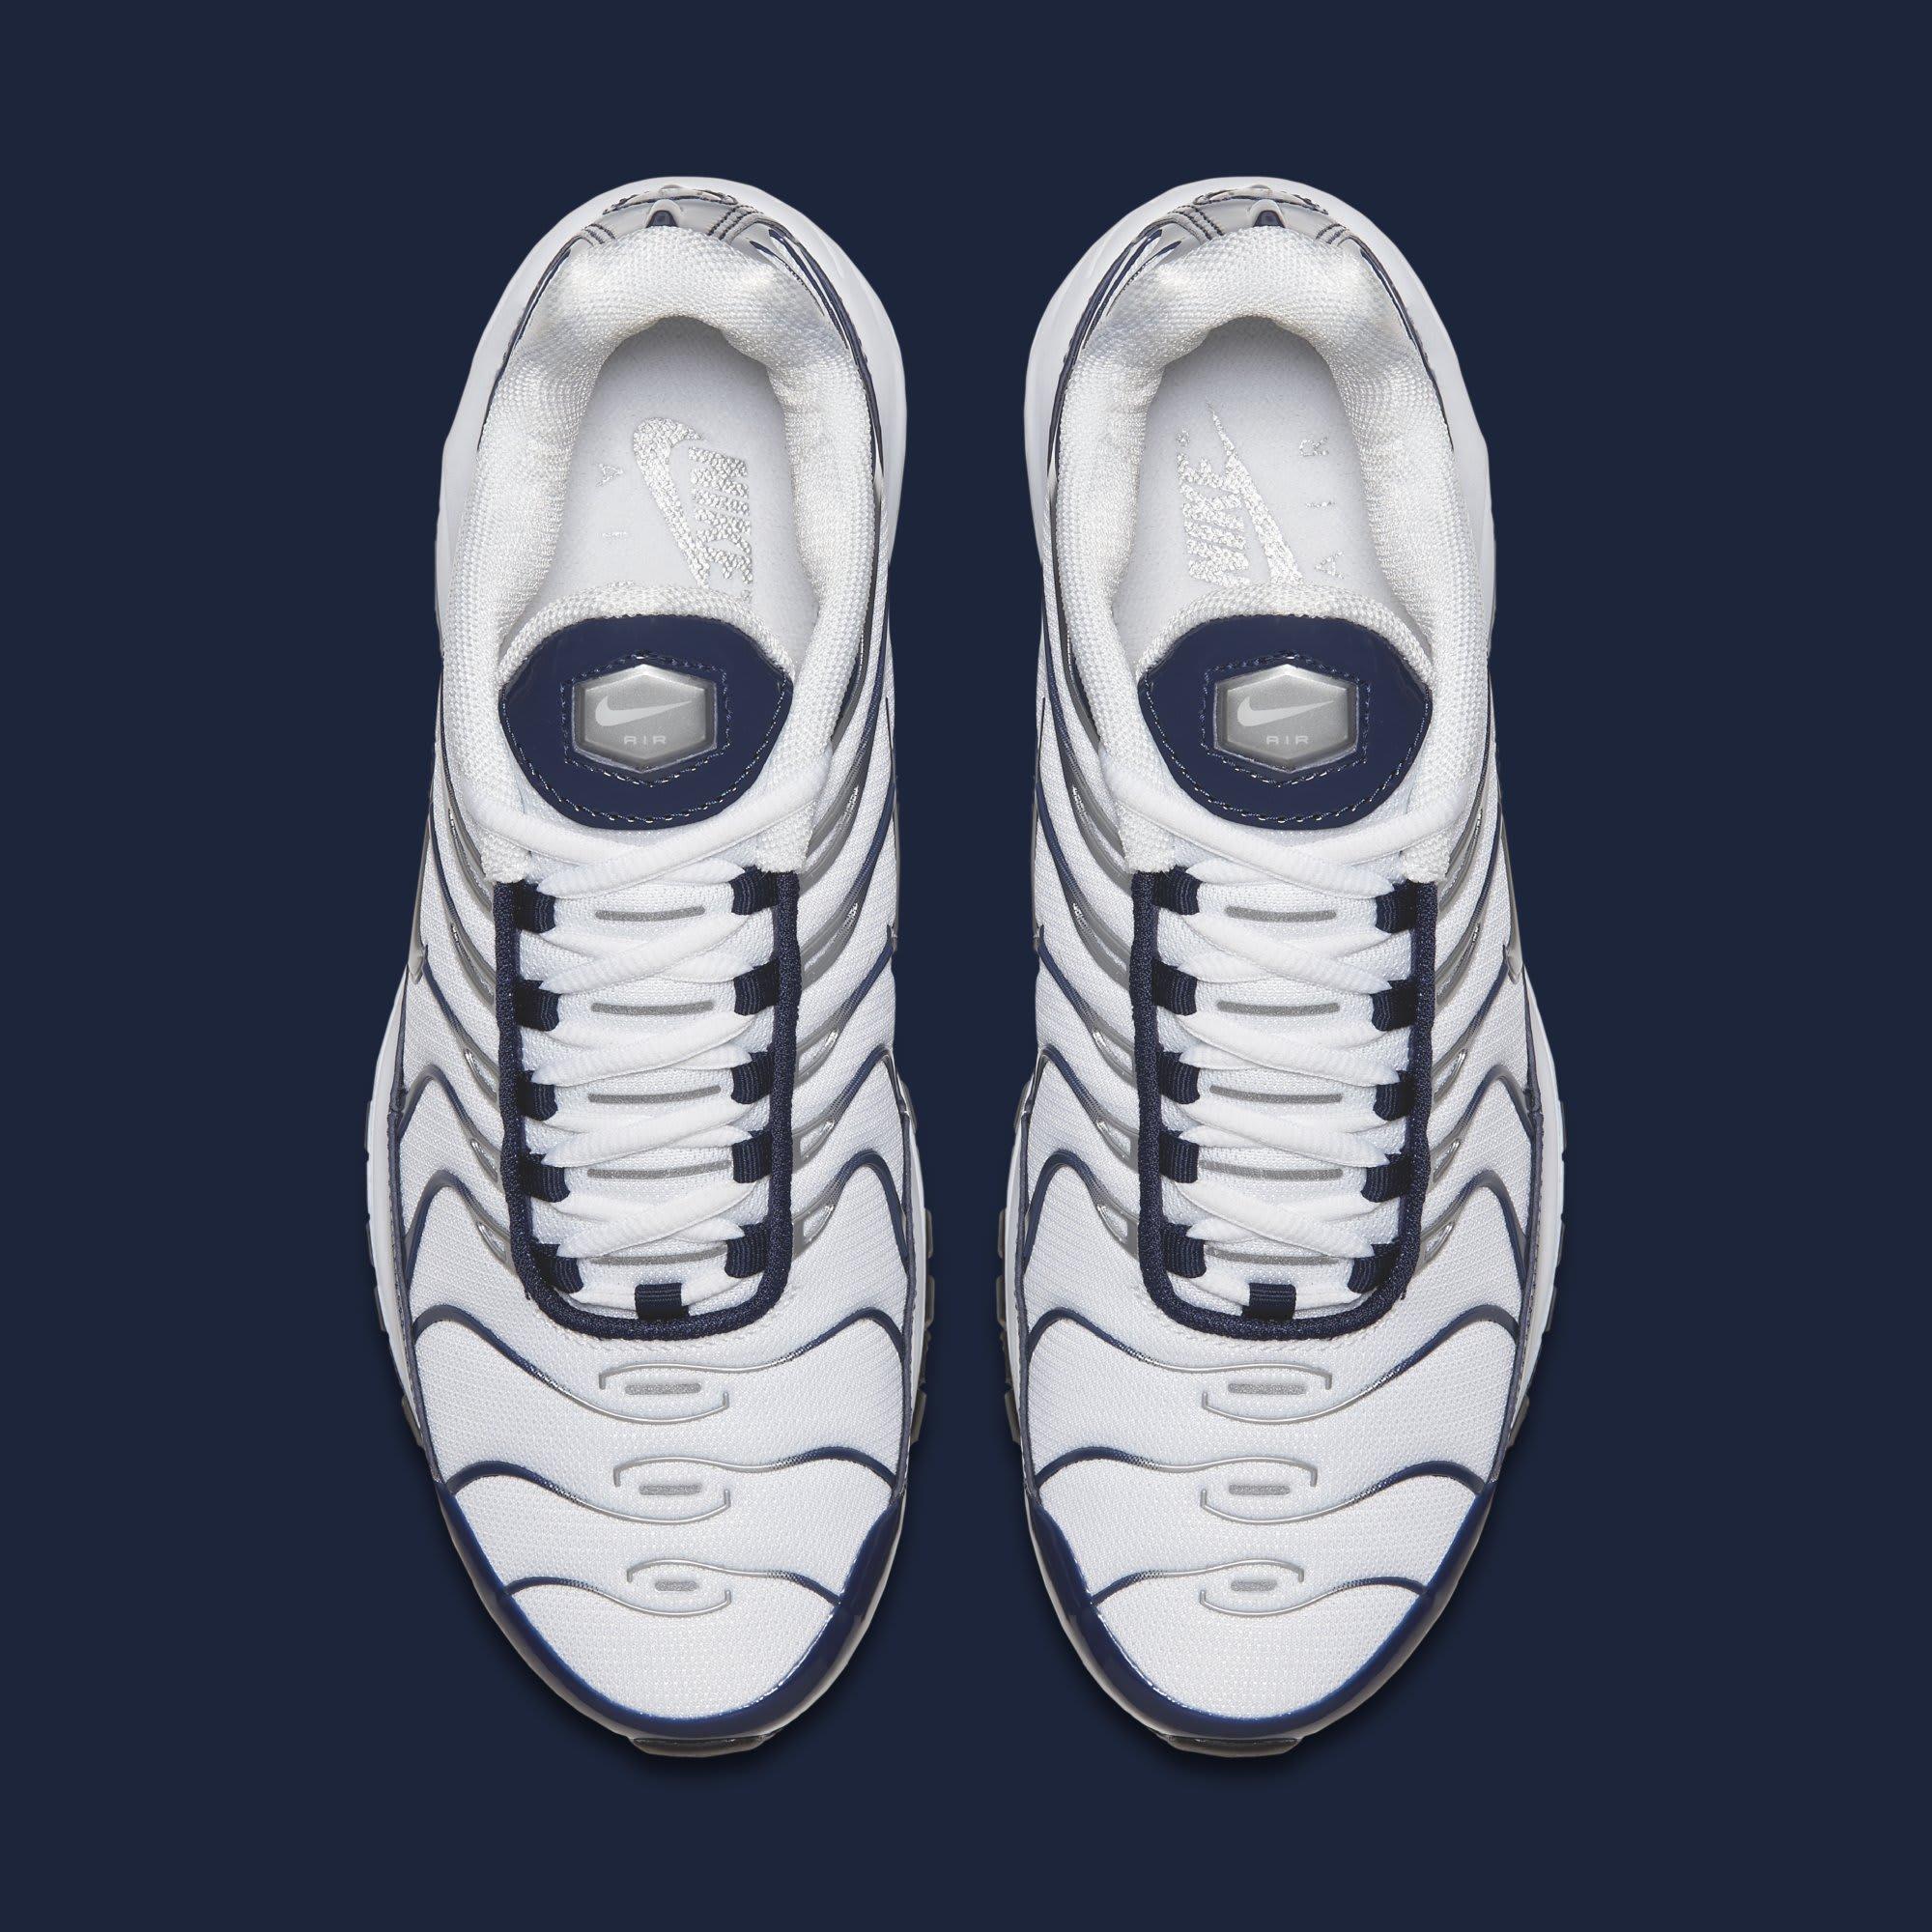 Nike Air Max Plus 97 AH8144-100 (Top)